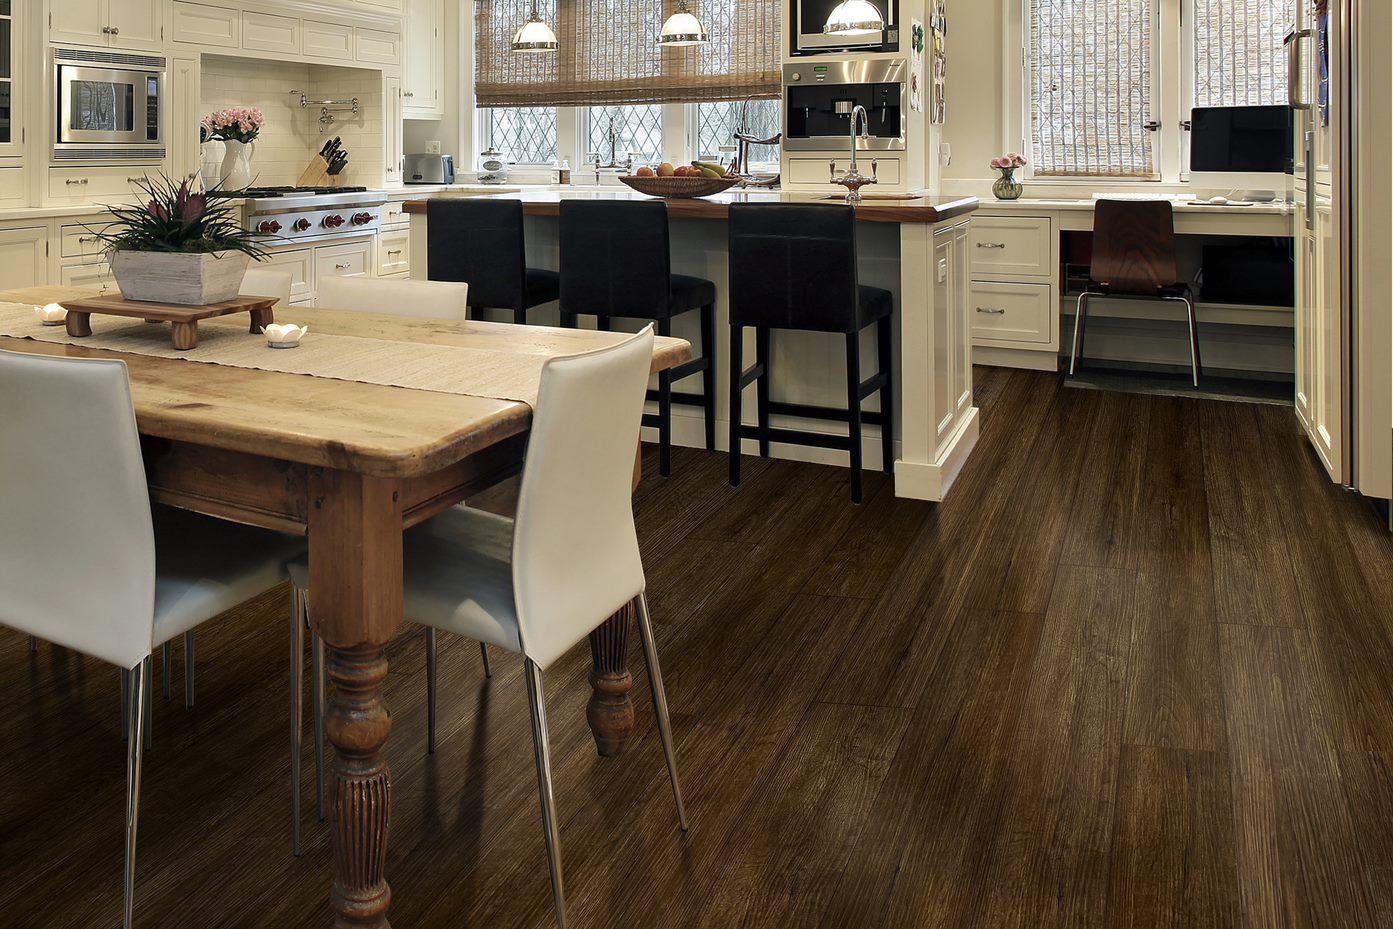 how to waterproof wood floors